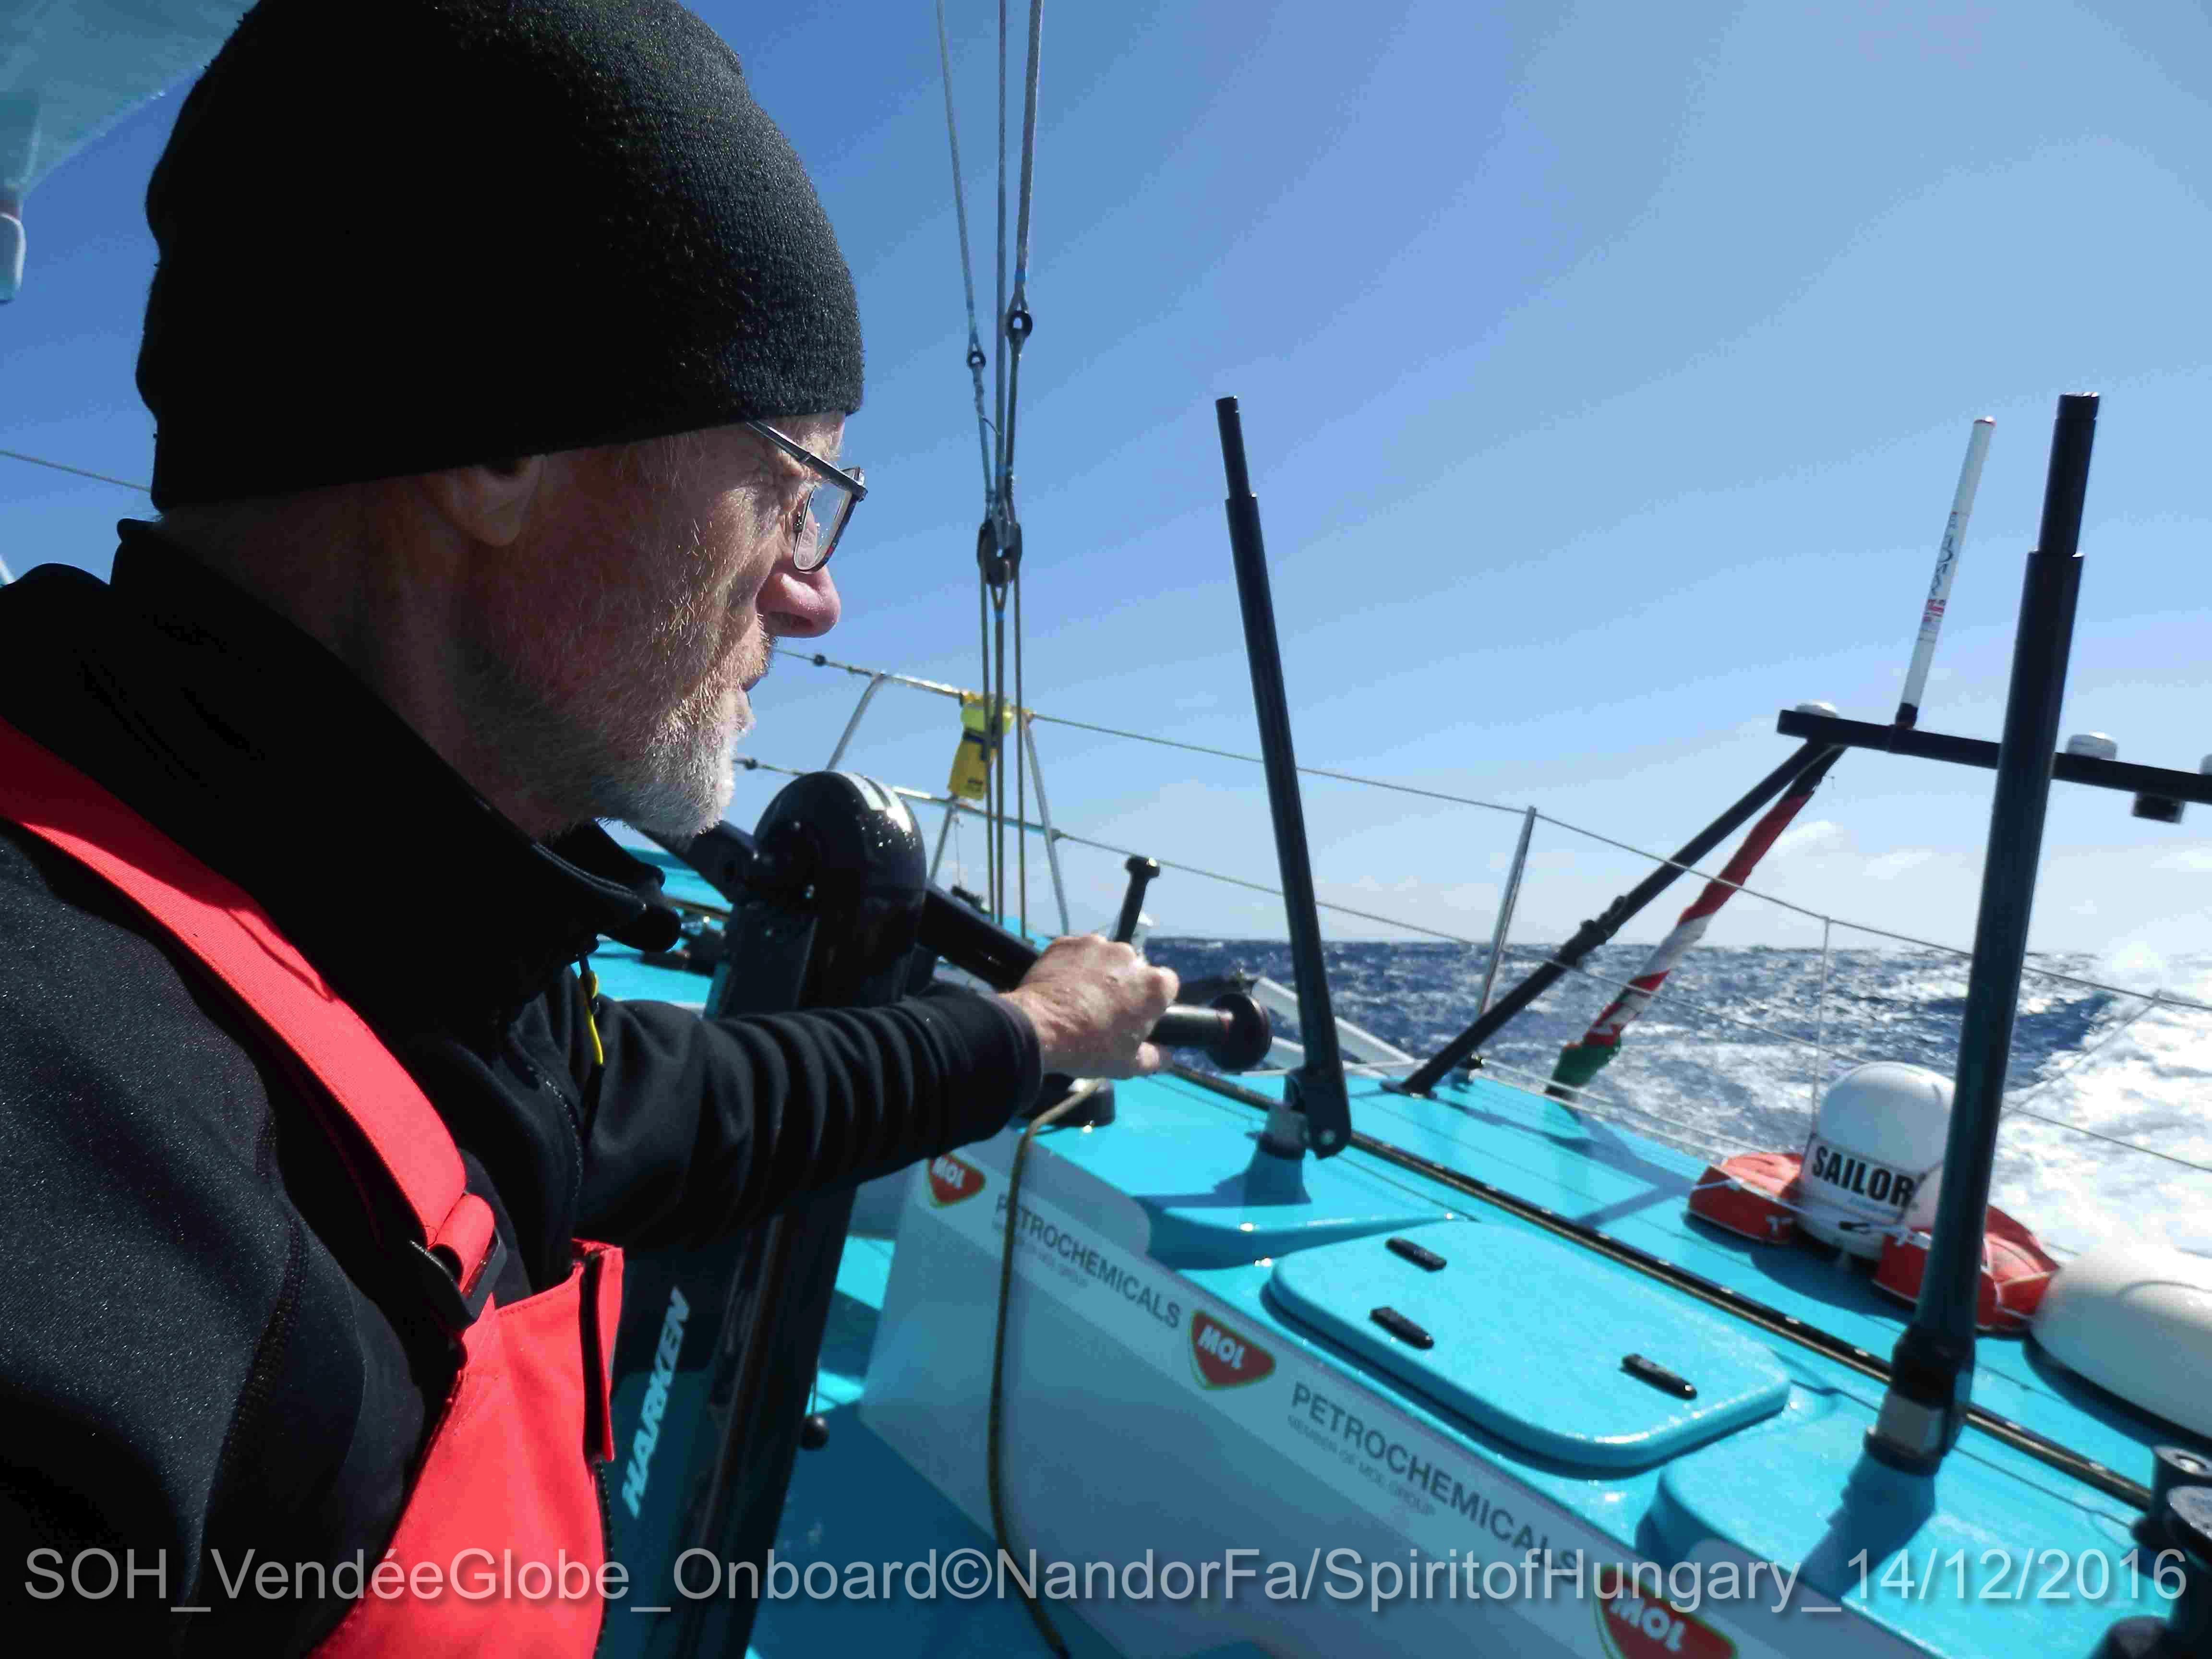 SOH_VG2016_Onboard©NandorFa_SpiritofHungary_14_12_2016-1